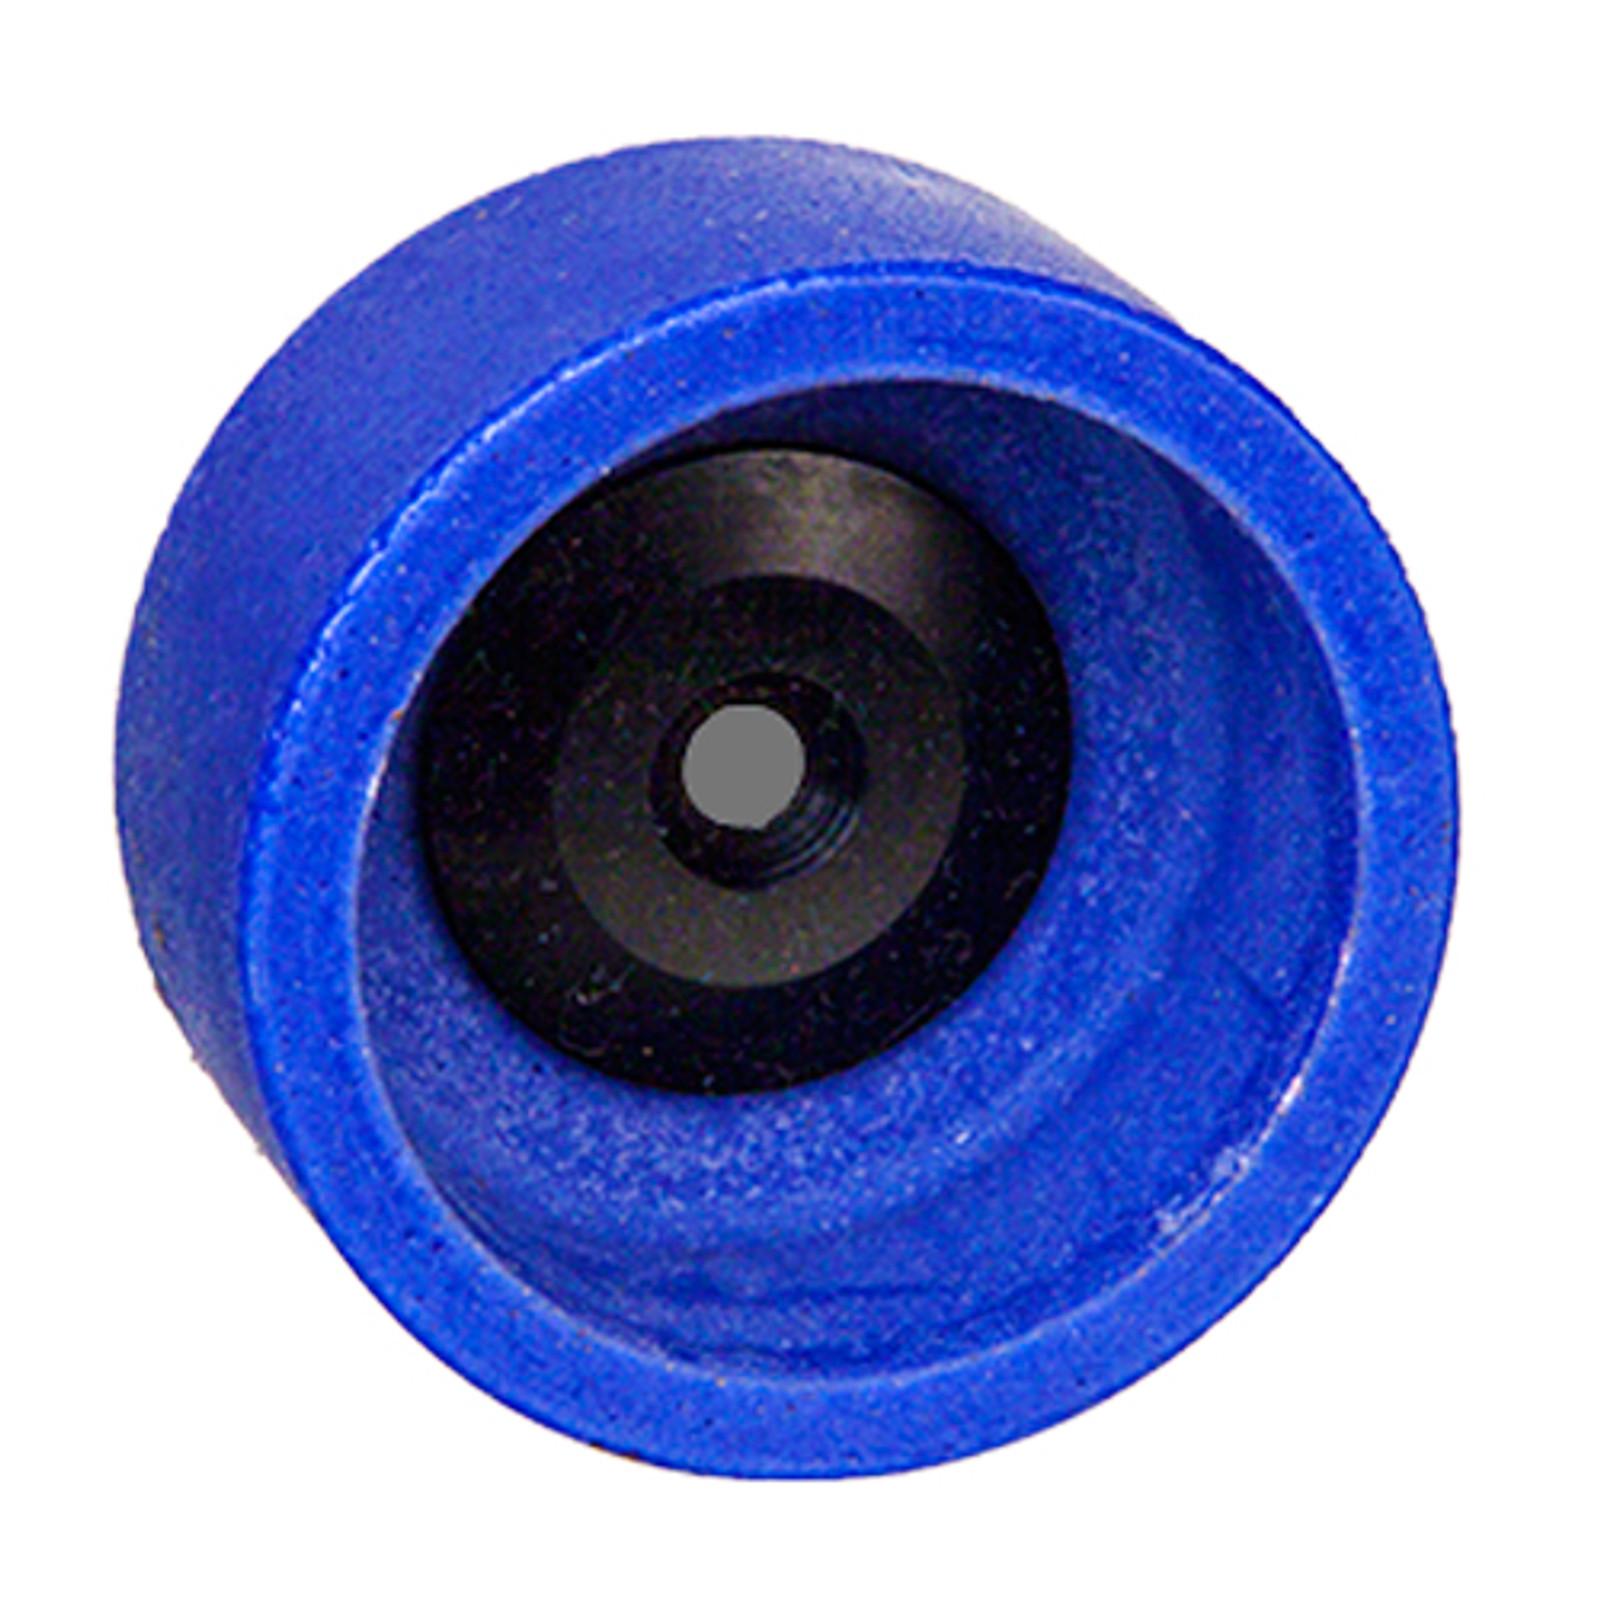 320 grit wheel